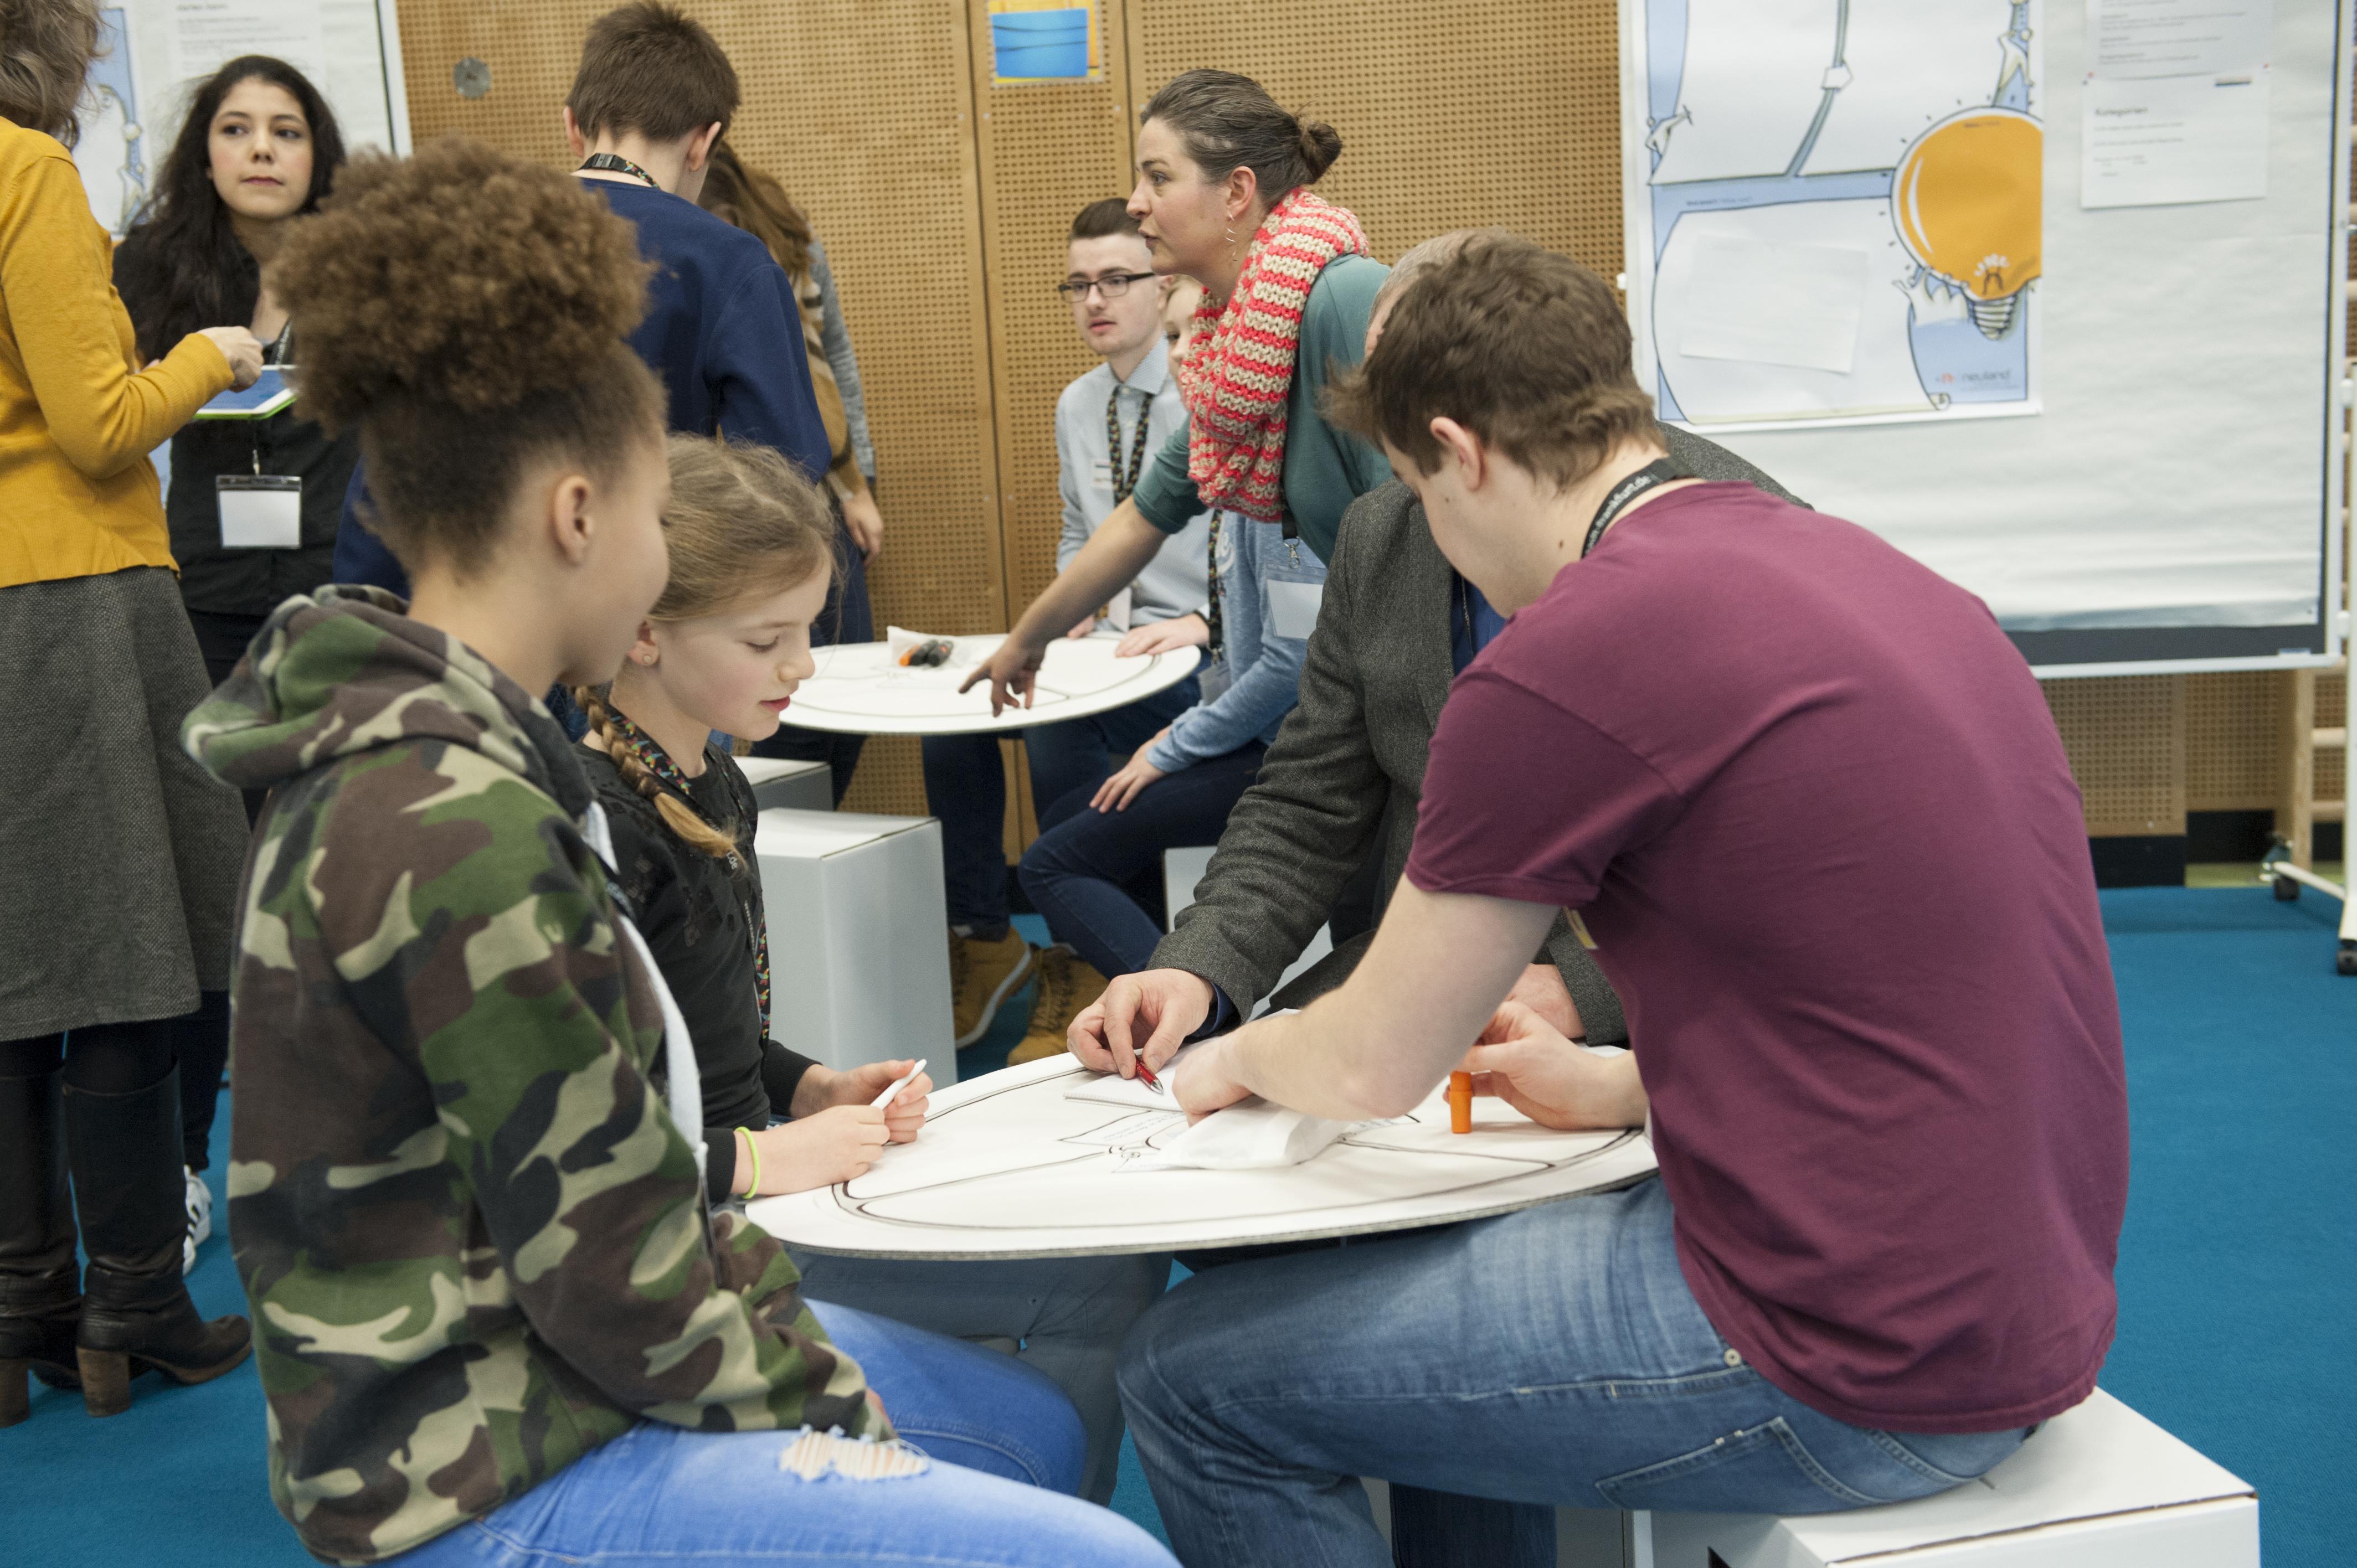 Fragen an kinder und jugendliche frankfurt macht schule for Mode und bekleidung schule frankfurt